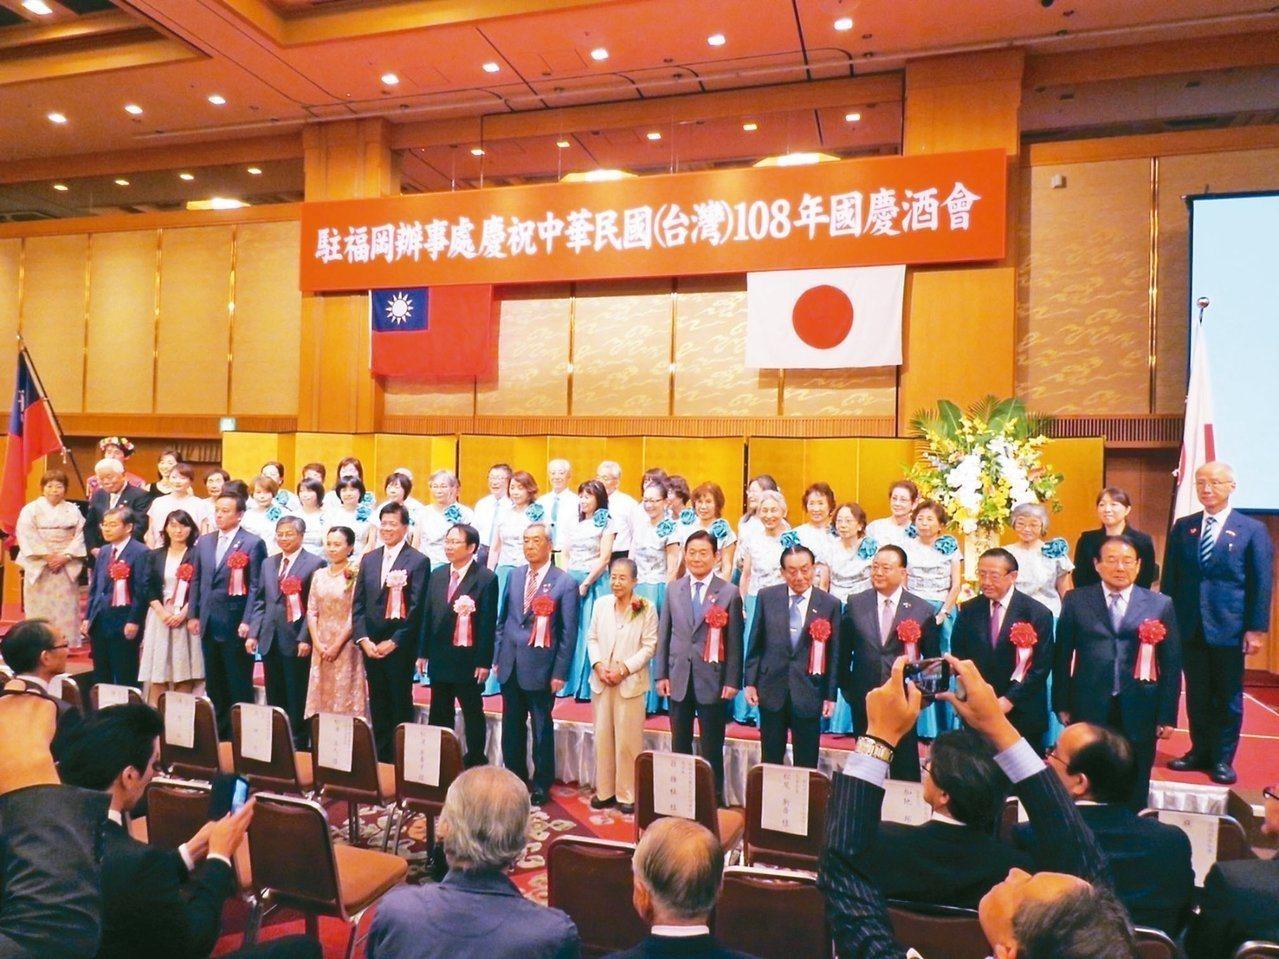 我駐大阪辦事處福岡分處本月4日晚間舉行國慶酒會,會場公布聲稱是日本首相安倍晉三的...